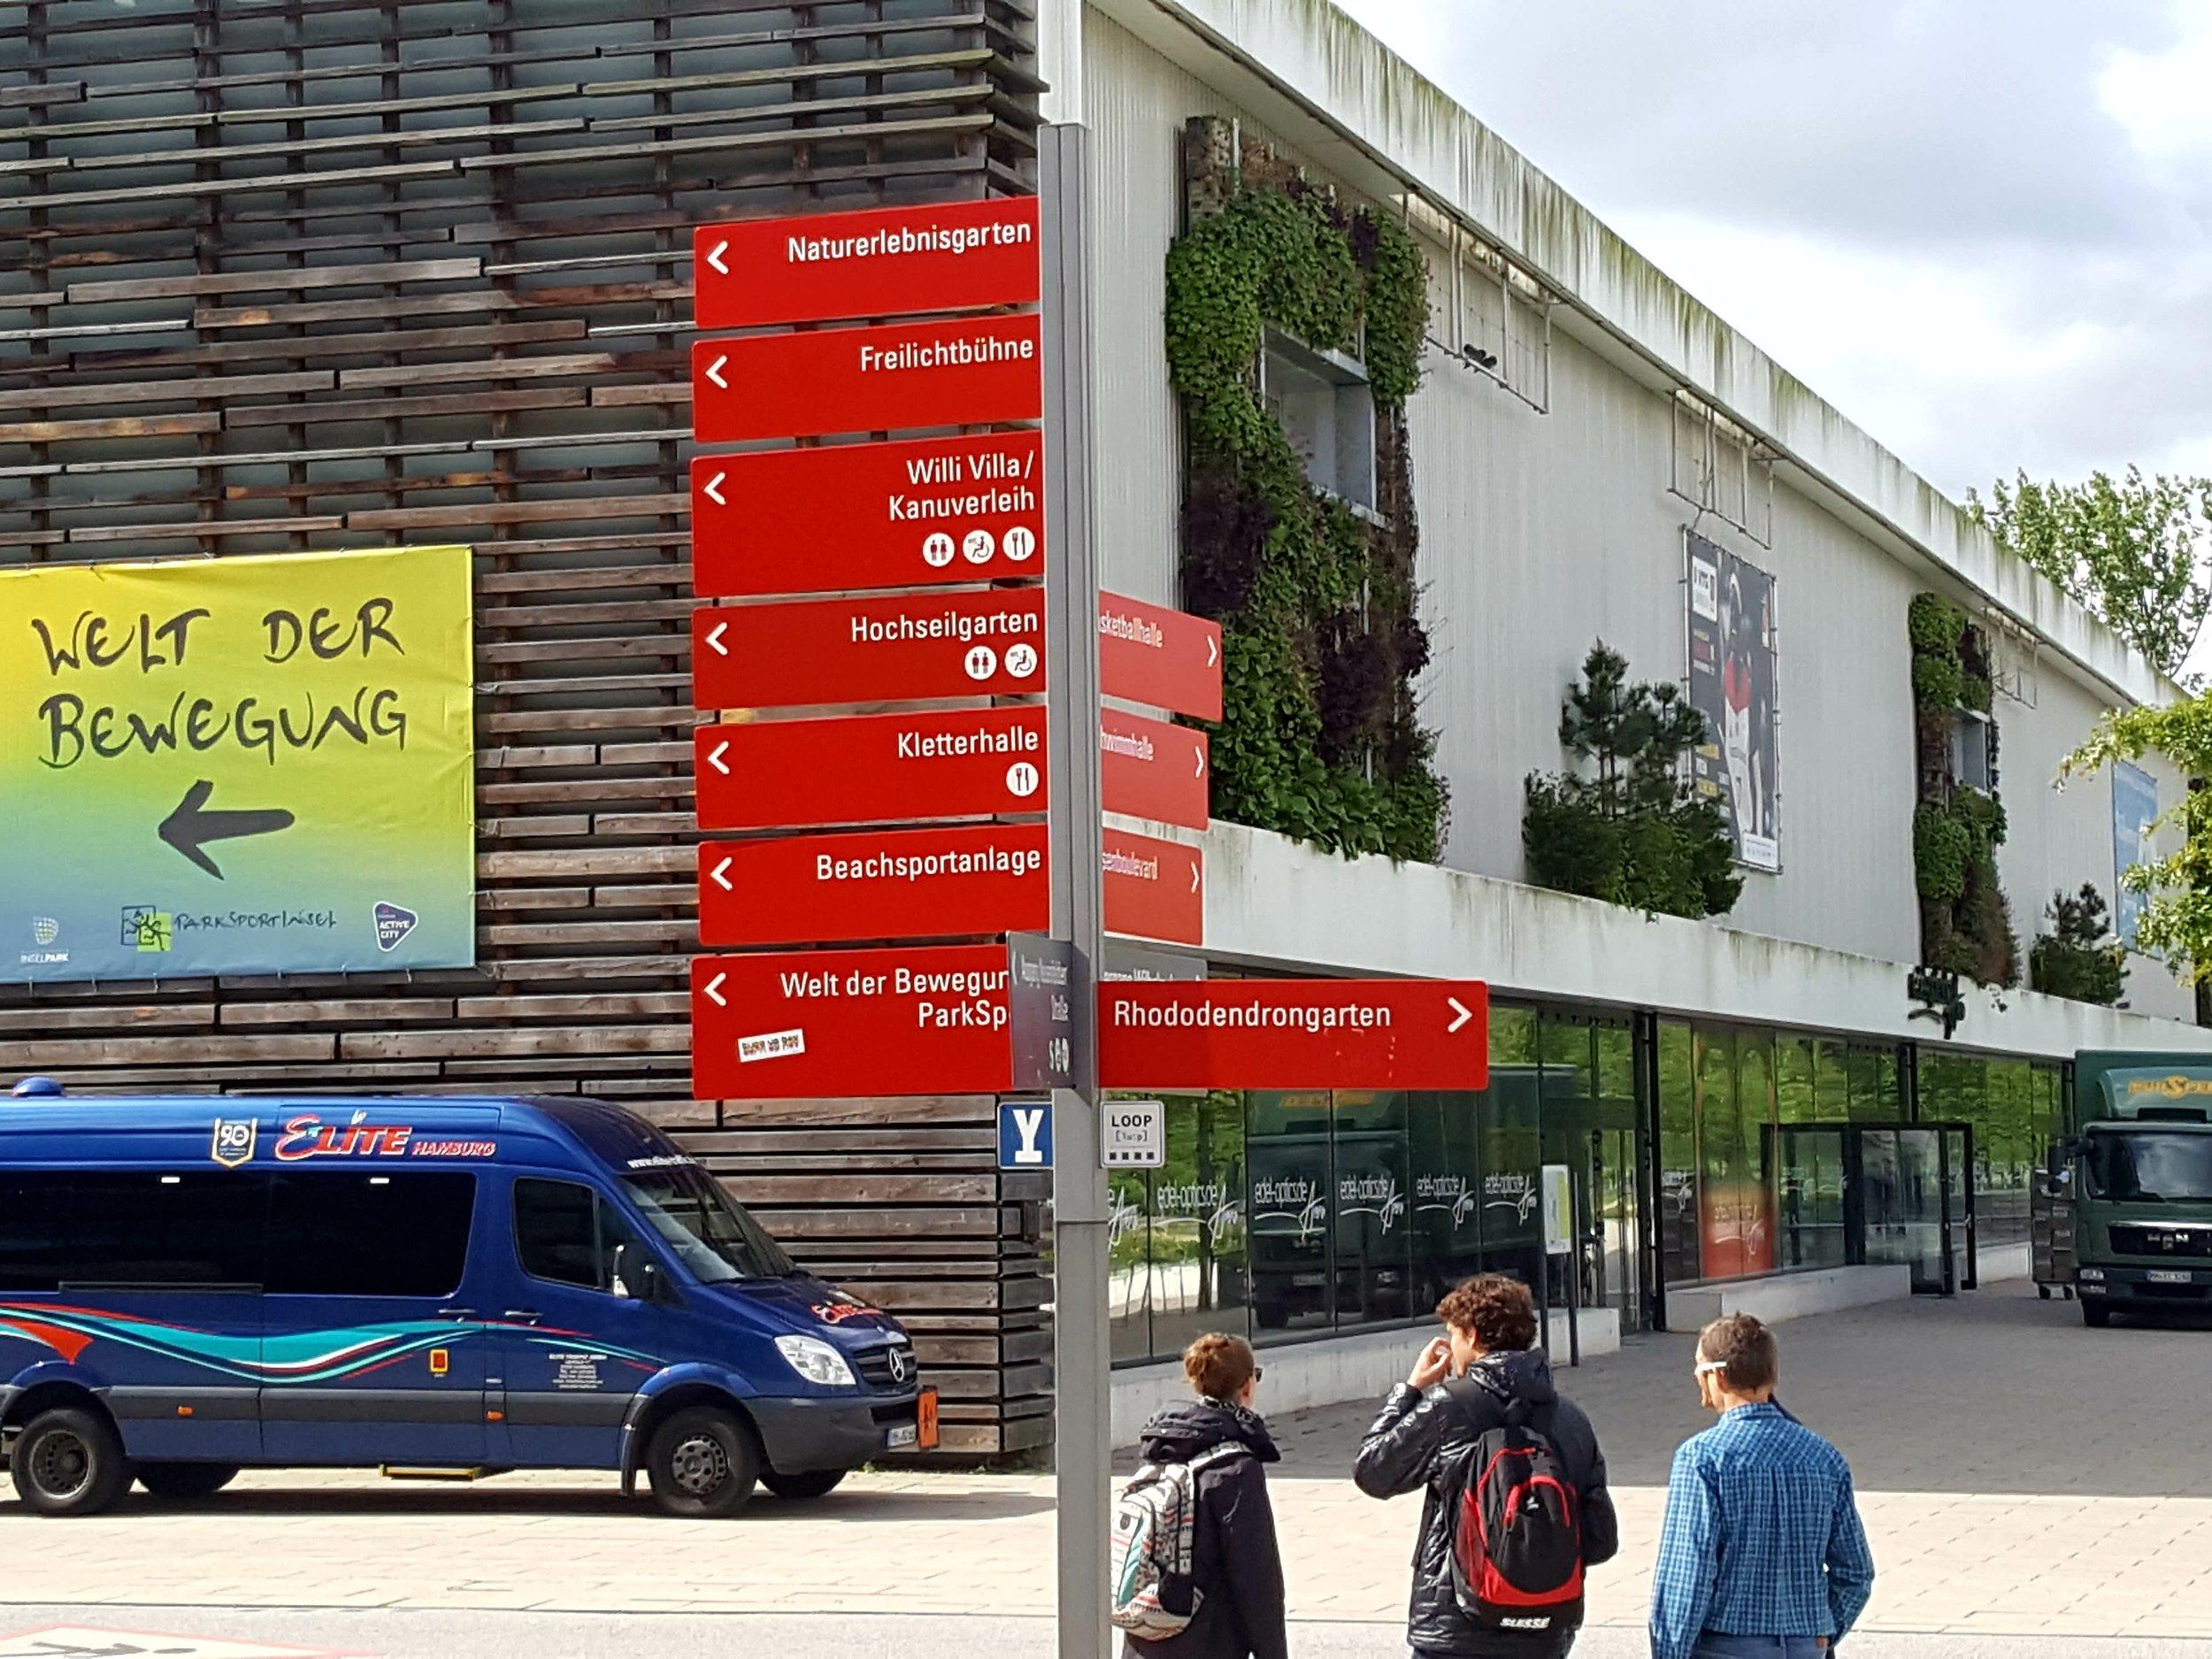 Edeloptics.de Arena og parkområdet med 'Welt der Bewegung' er den nye lunge i det socialt udsatte kvarter Wilhelmsburg syd for Elben.  Foto: Henrik H. Brandt